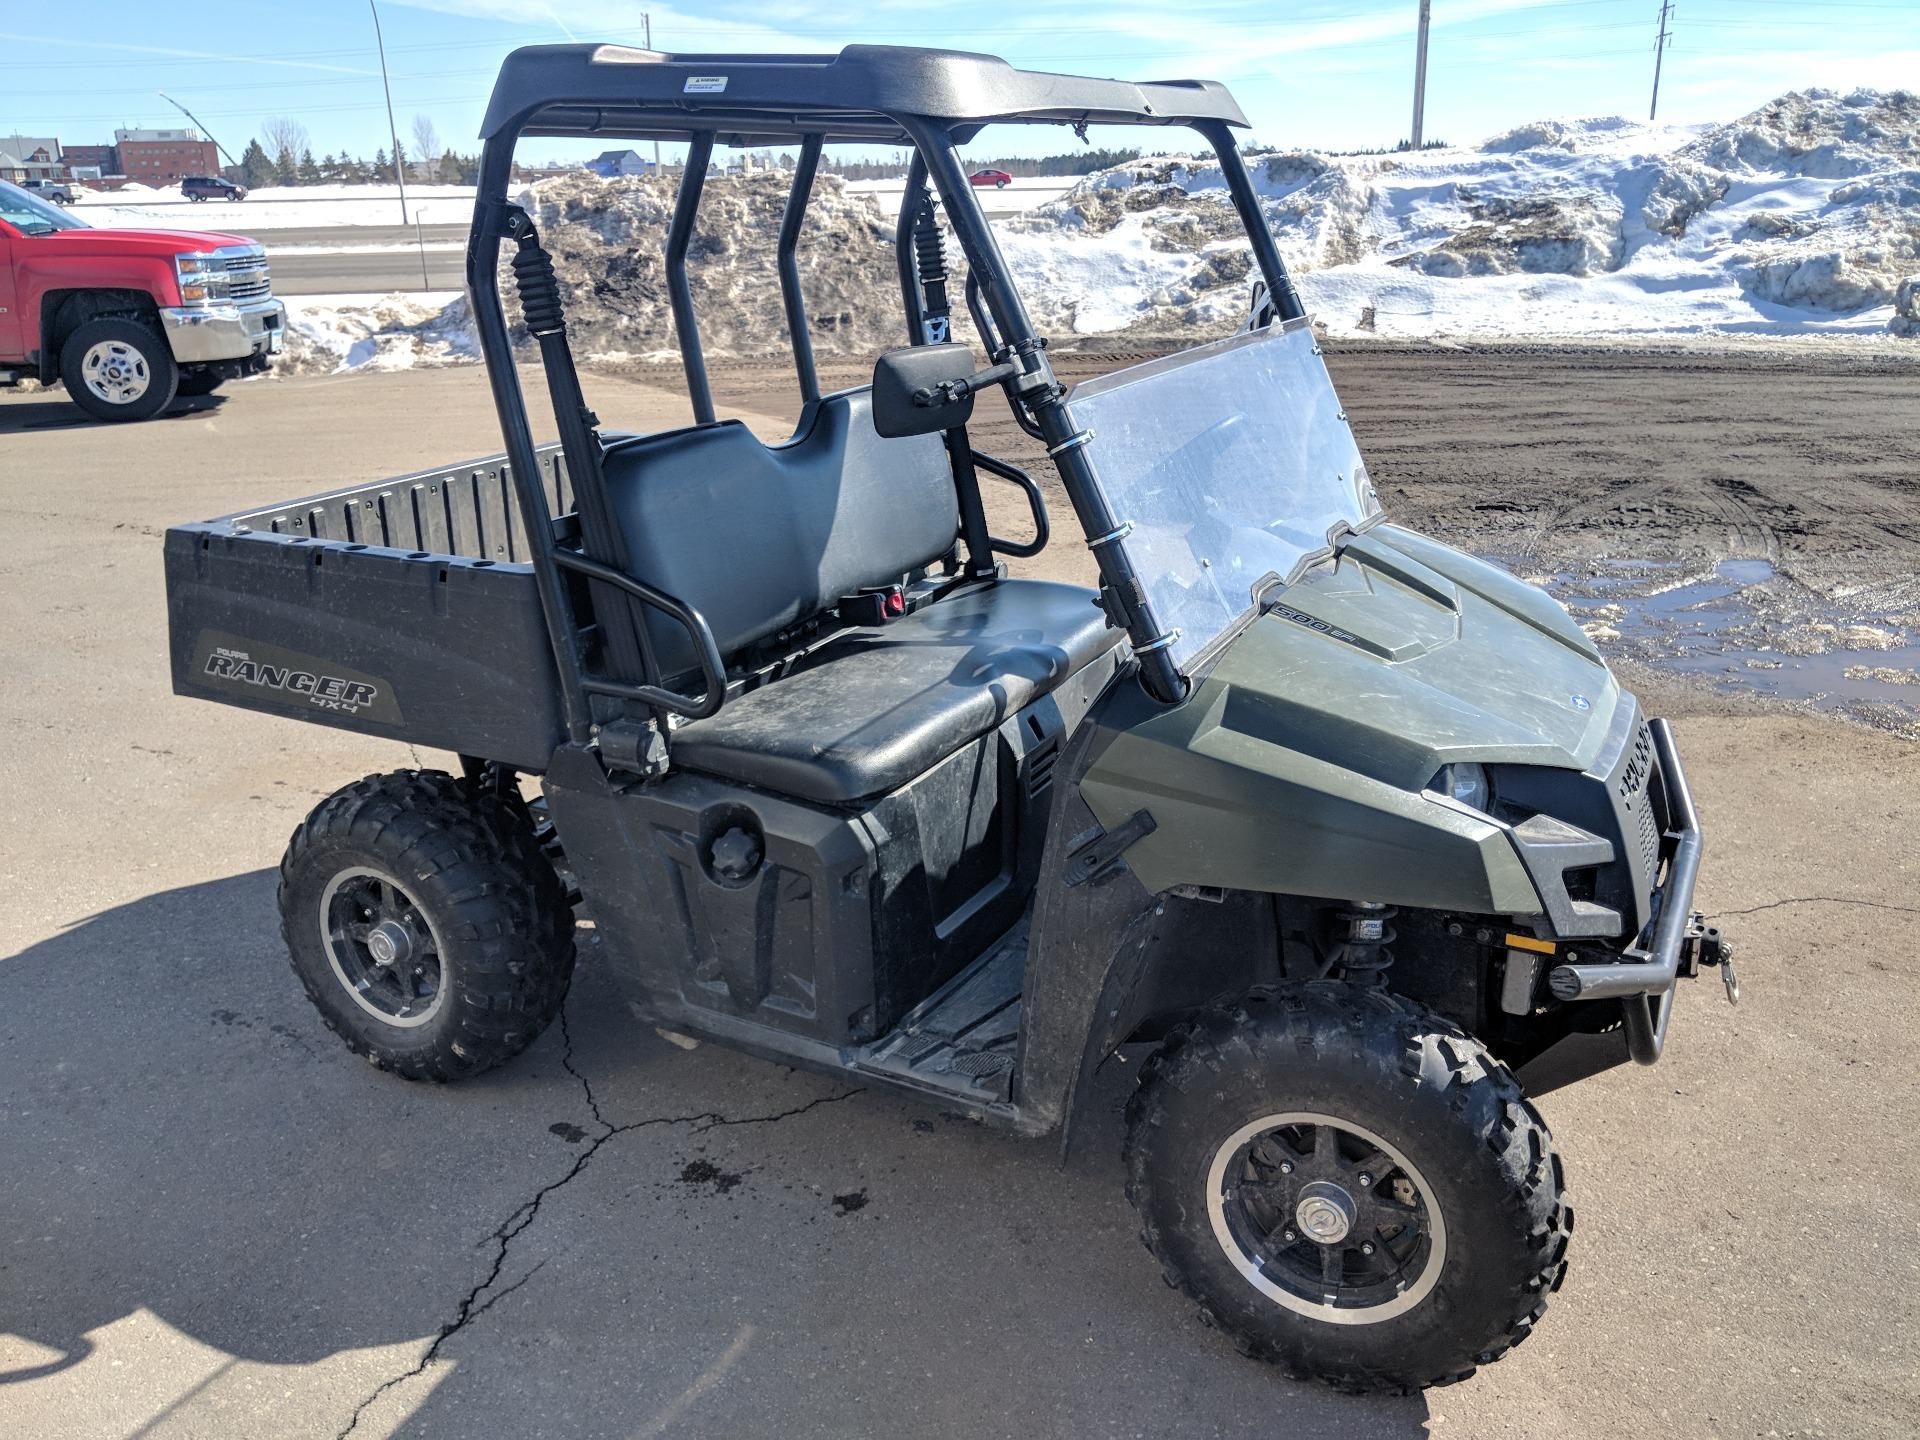 2013 Ranger 500 EFI